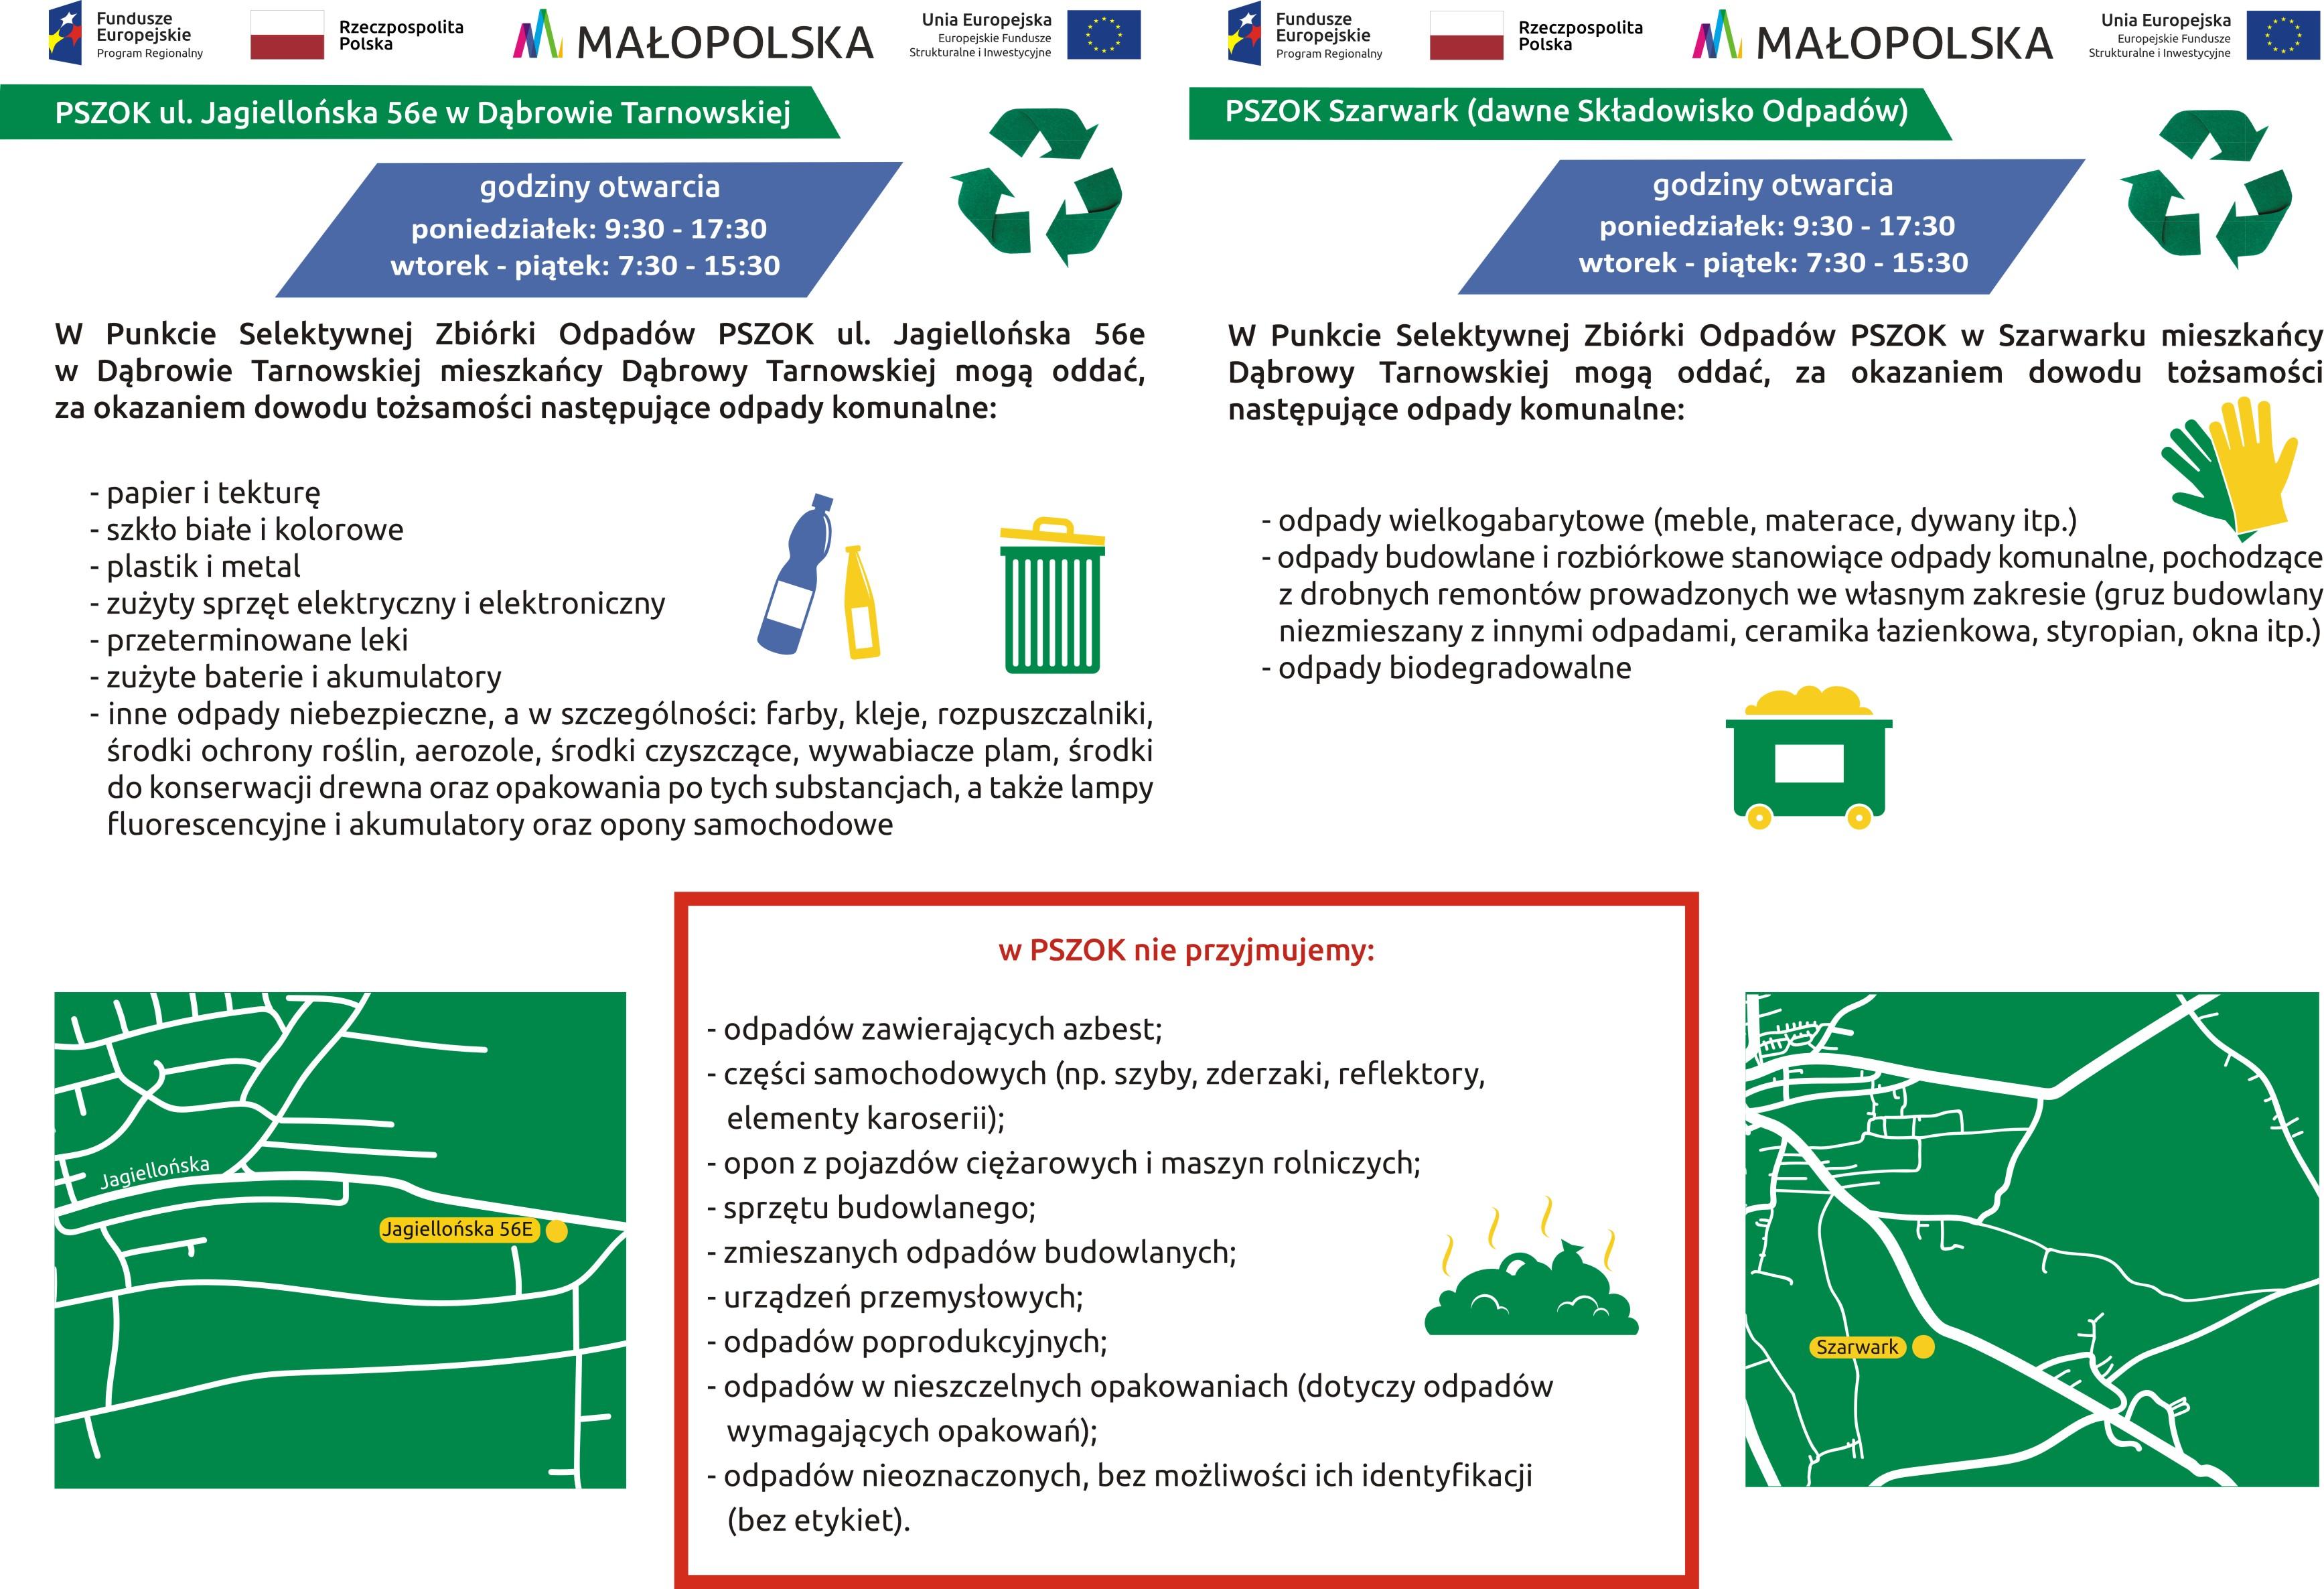 ulotka a5 15 10 2019  Przebudowano Punkty Selektywnej Zbiórki Odpadów Komunalnych w Gminie Dąbrowa Tarnowska